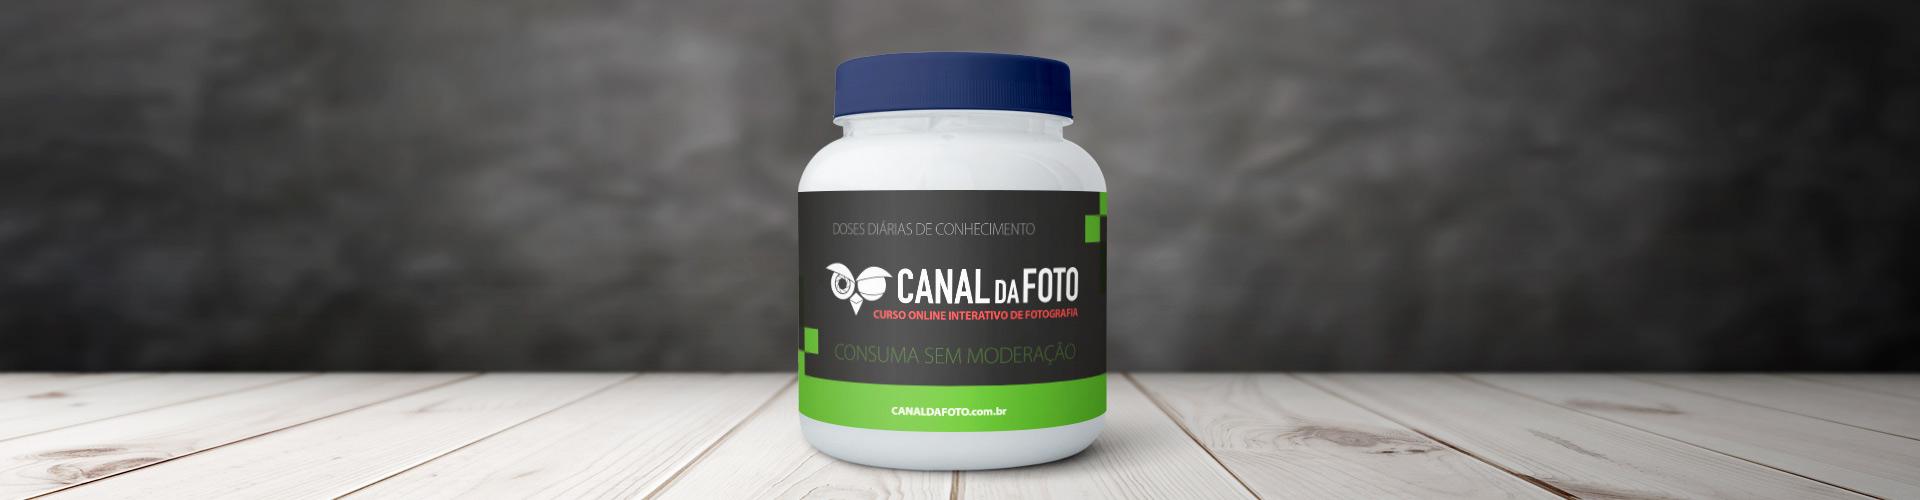 melhor-curso-de-fotografia-em-portugues-canal-da-foto